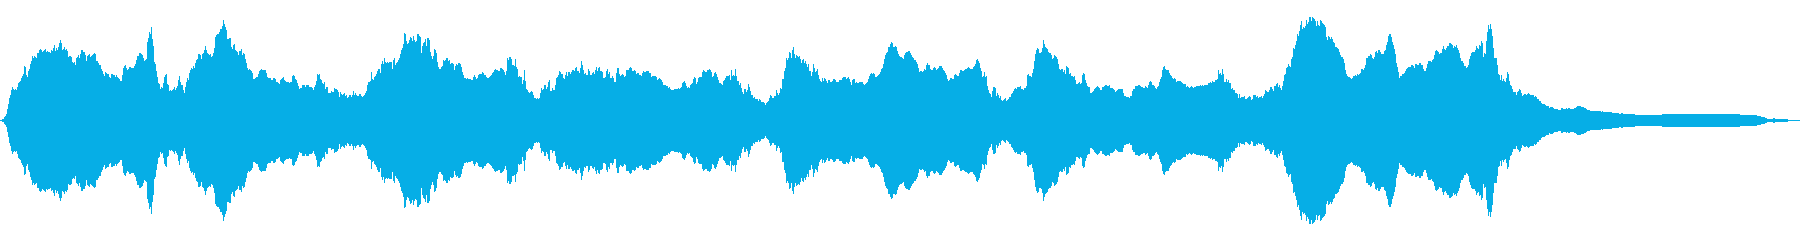 空襲サイレン:ロングブラスト、サイ...の再生済みの波形